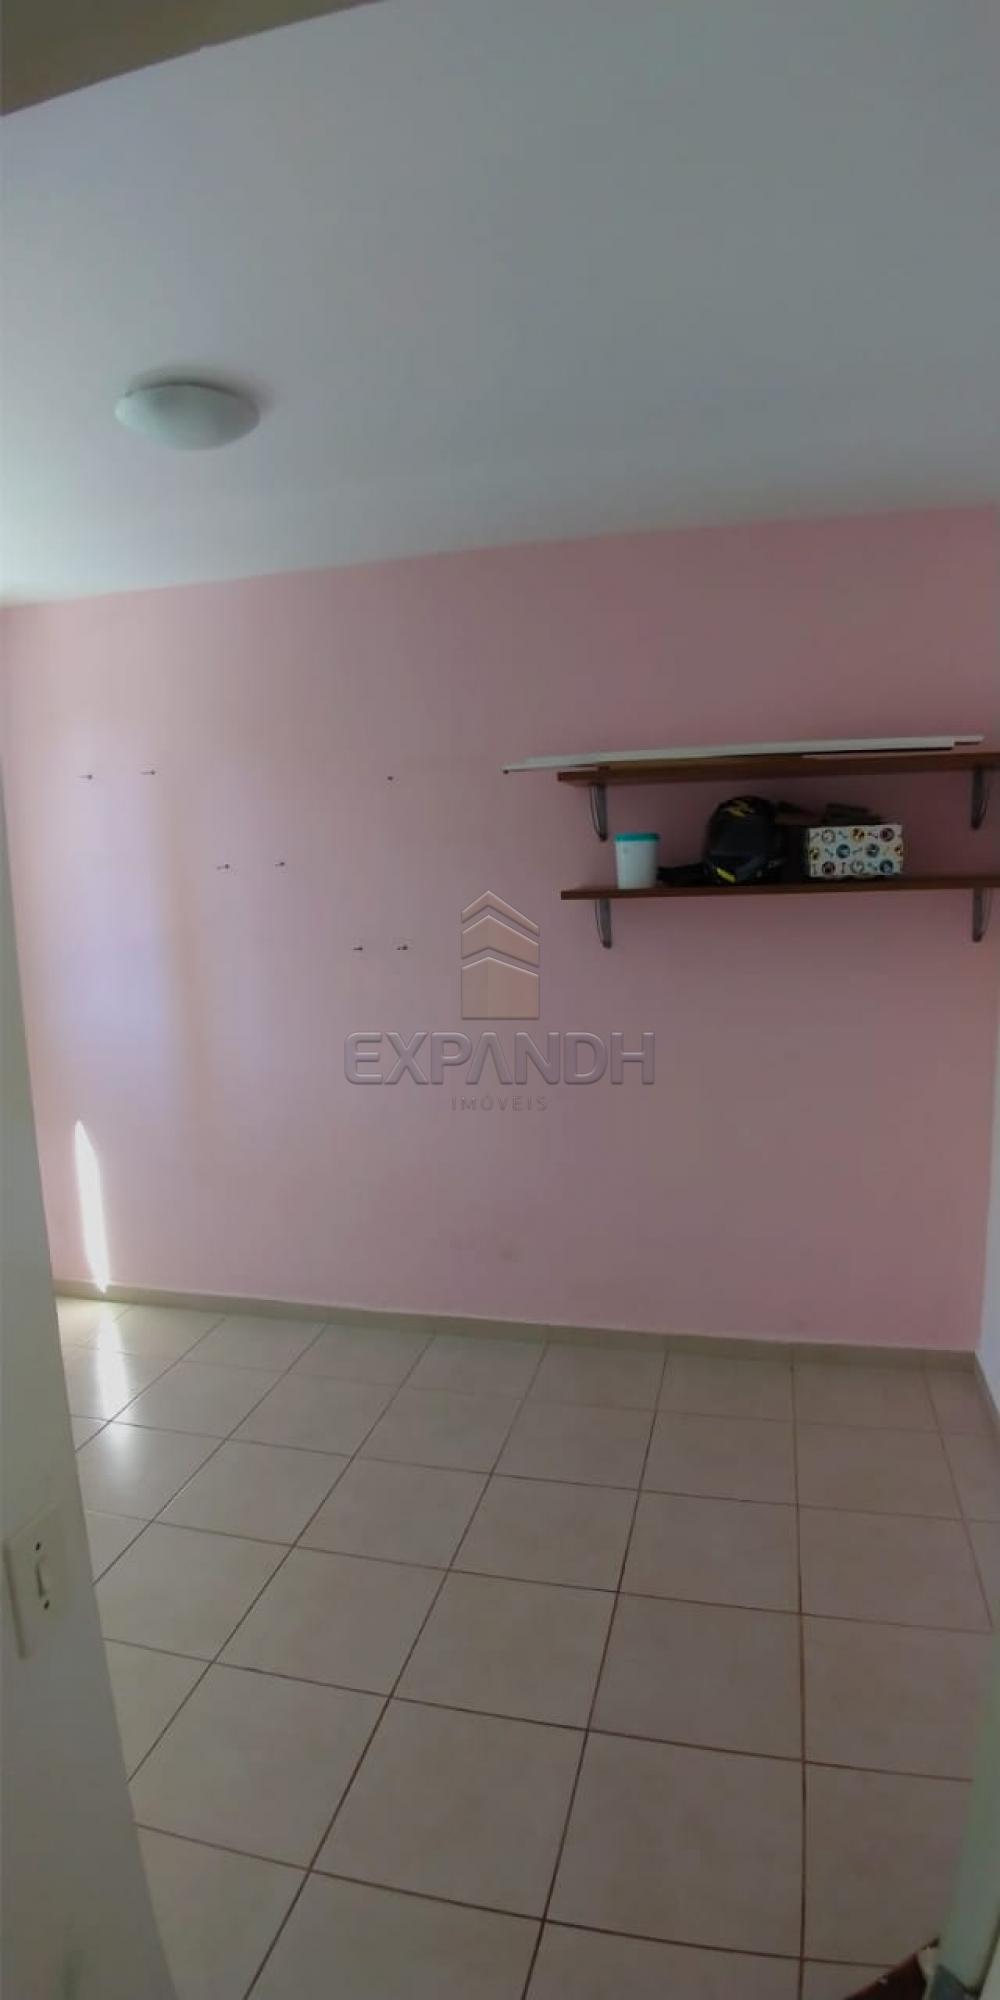 Comprar Apartamentos / Padrão em Sertãozinho R$ 148.000,00 - Foto 10